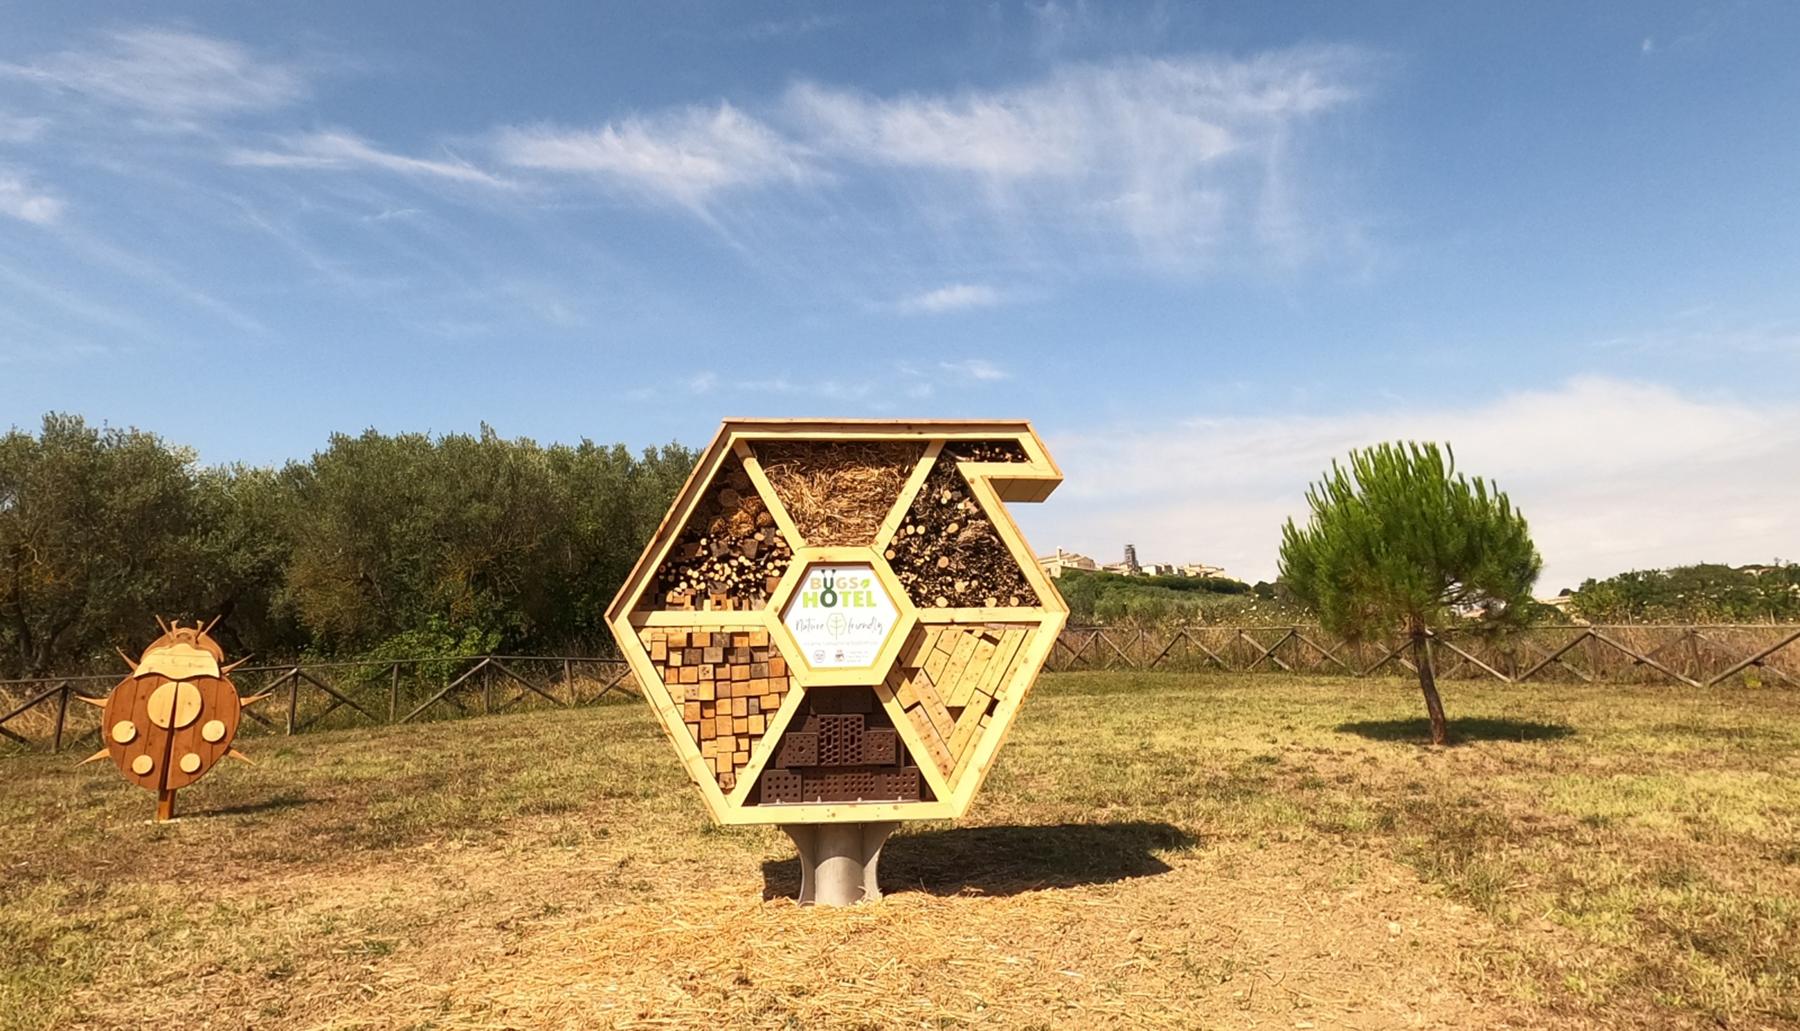 Stworzyliśmy przytulne schronienie, aby otoczyć opieką owady, które są pożyteczne dla naszego ekosystemu, ale także po to, żeby edukować przyszłe pokolenia.